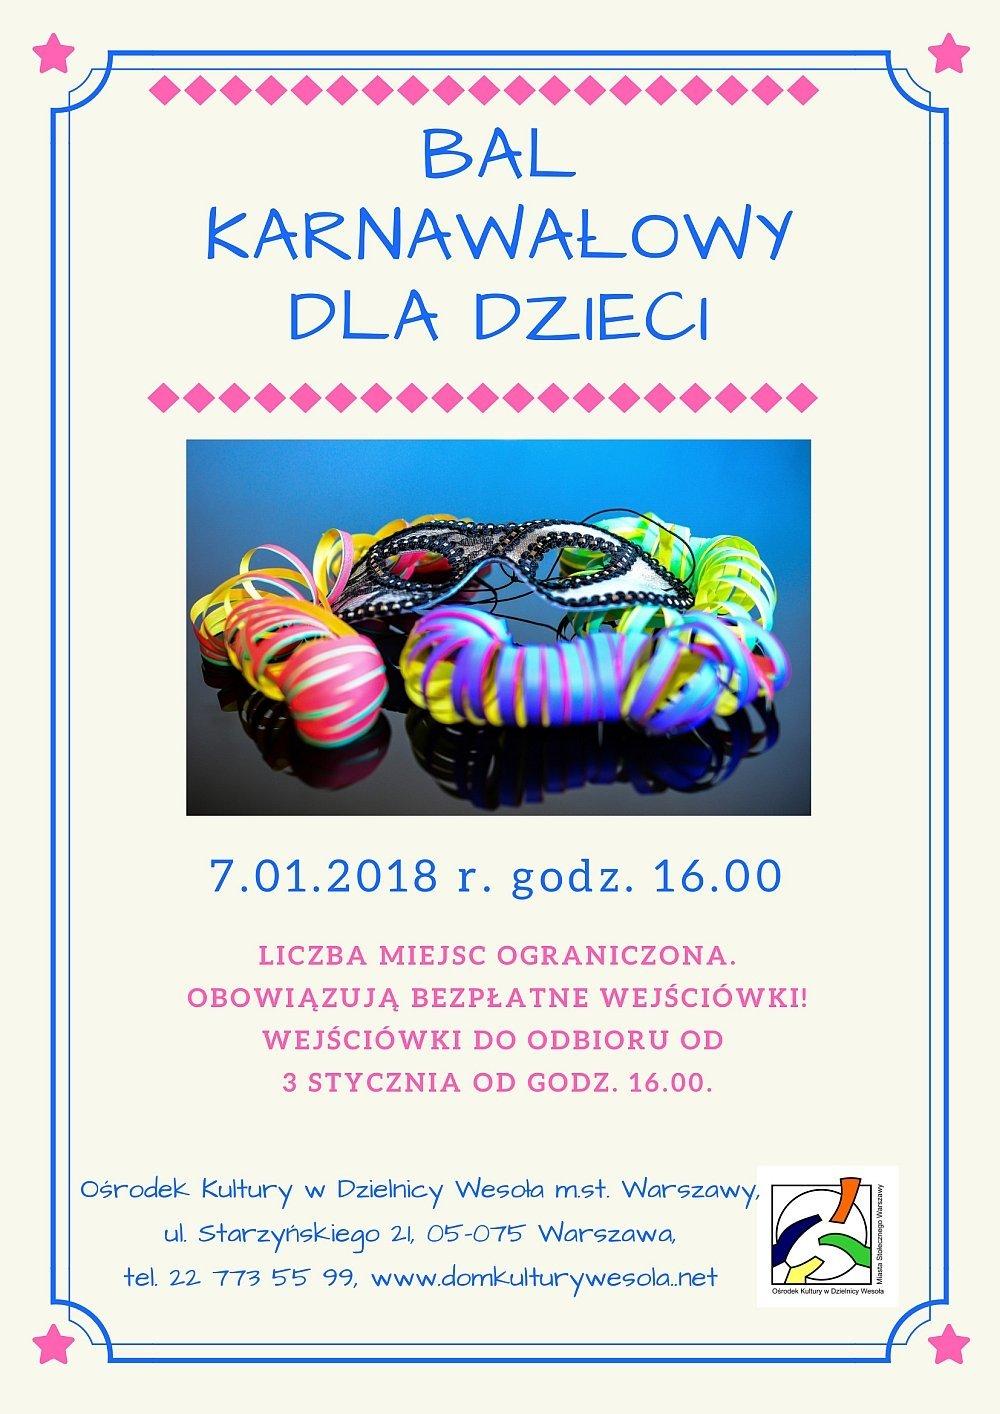 Bal karnawałowy dla dzieci pt. Podróż na Baśniowym Okręcie